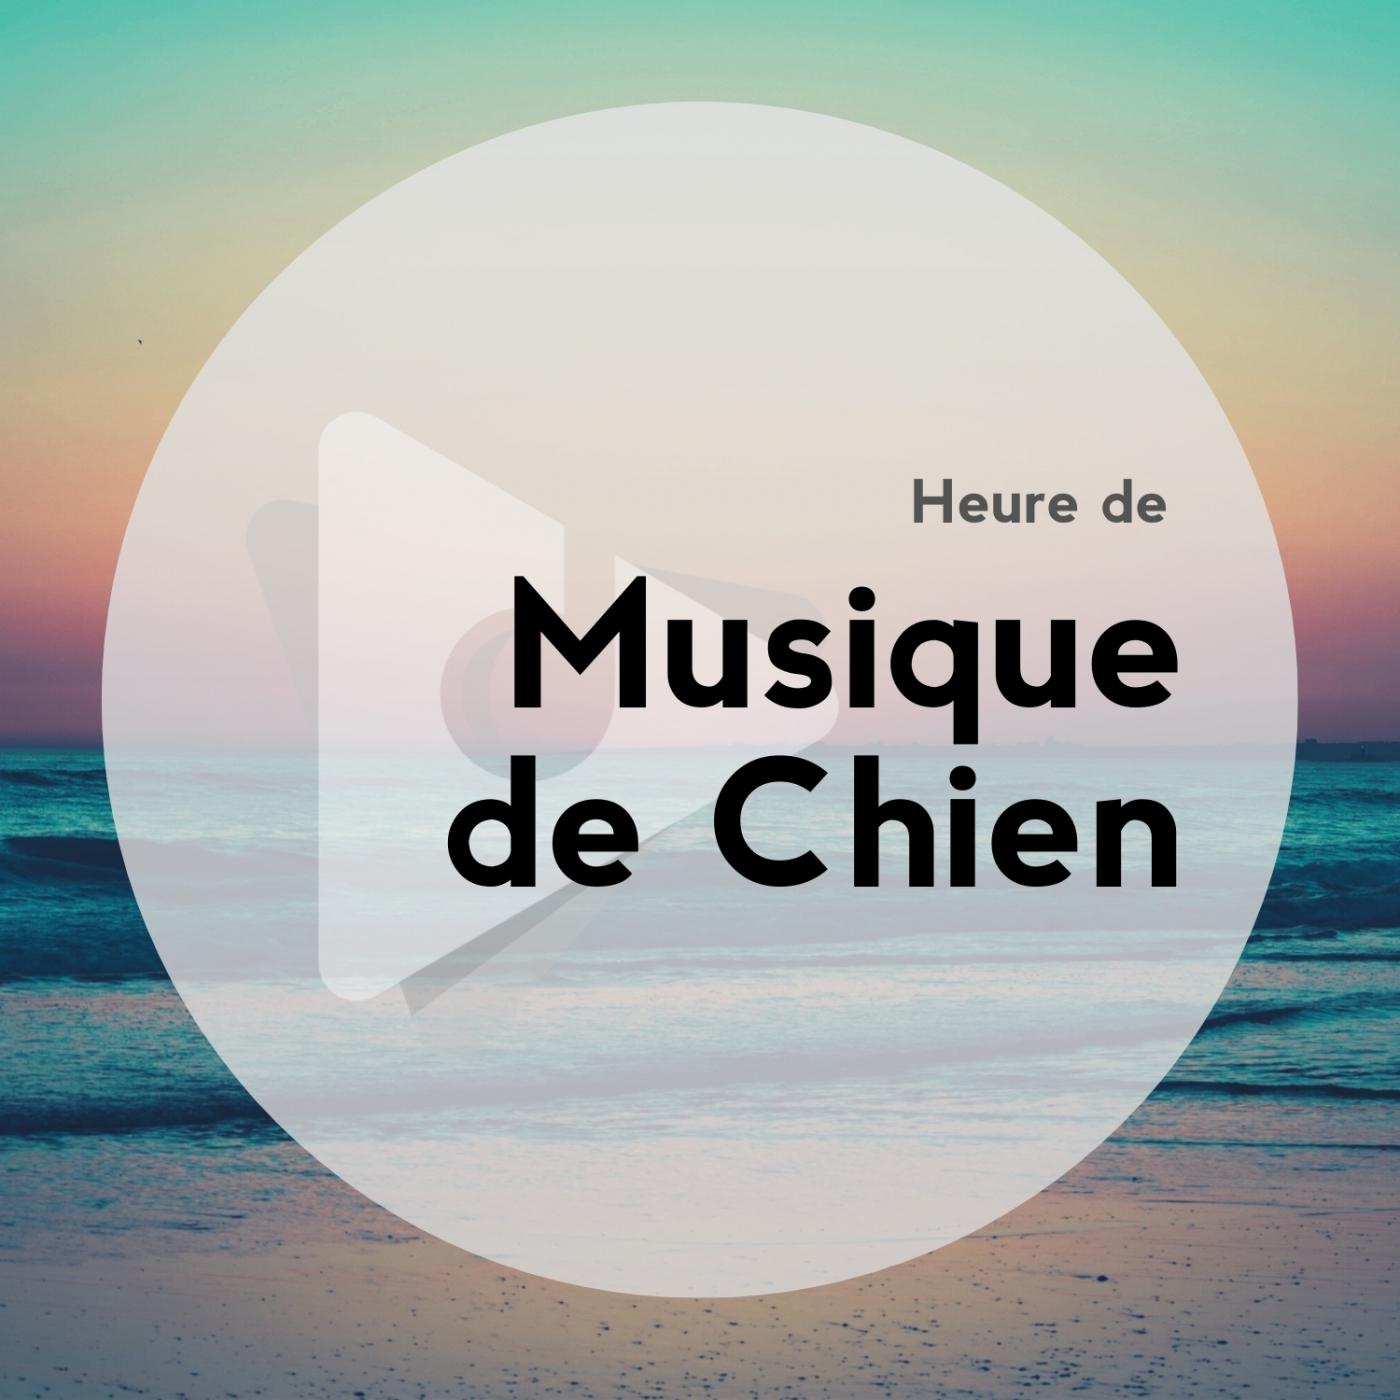 Heure de Musique de Chien